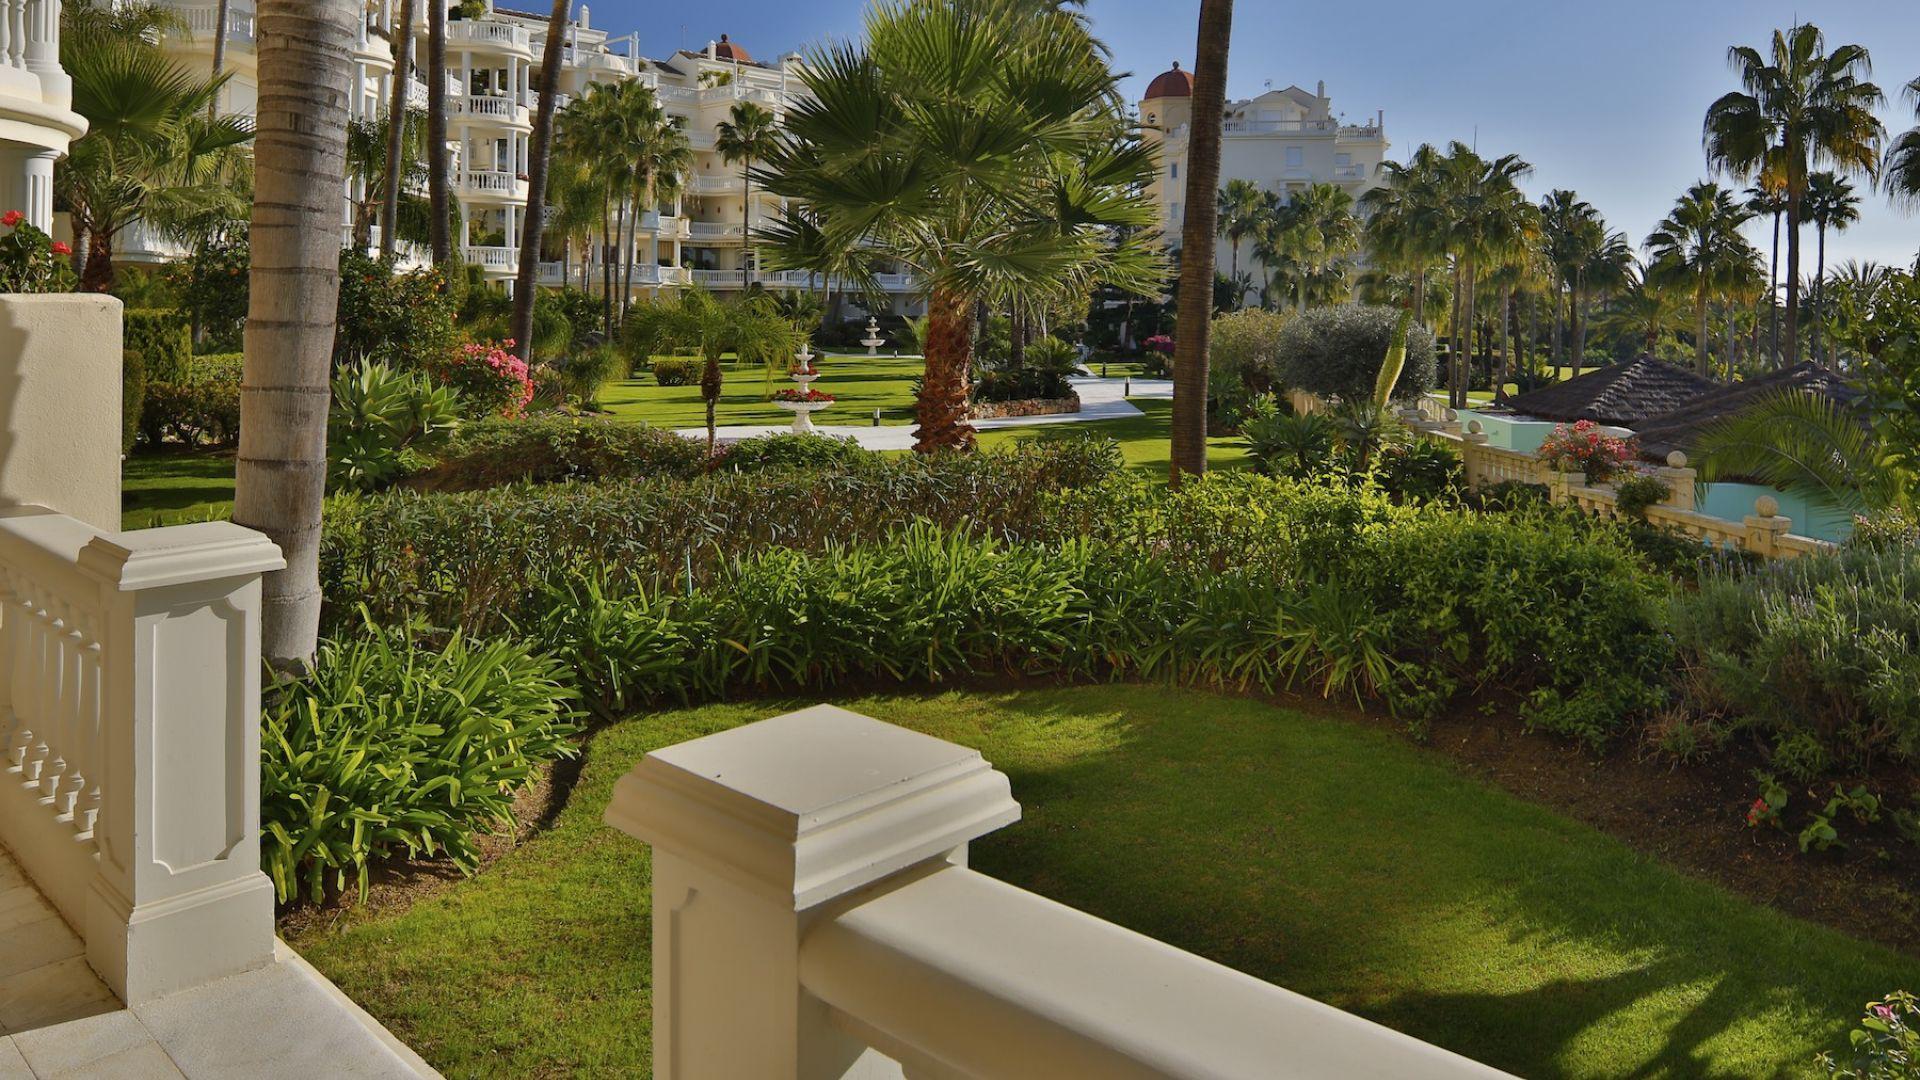 公寓 為 出售 在 Ground floor apartment Las Dunas Park Estepona, Costa Del Sol 29680 西班牙